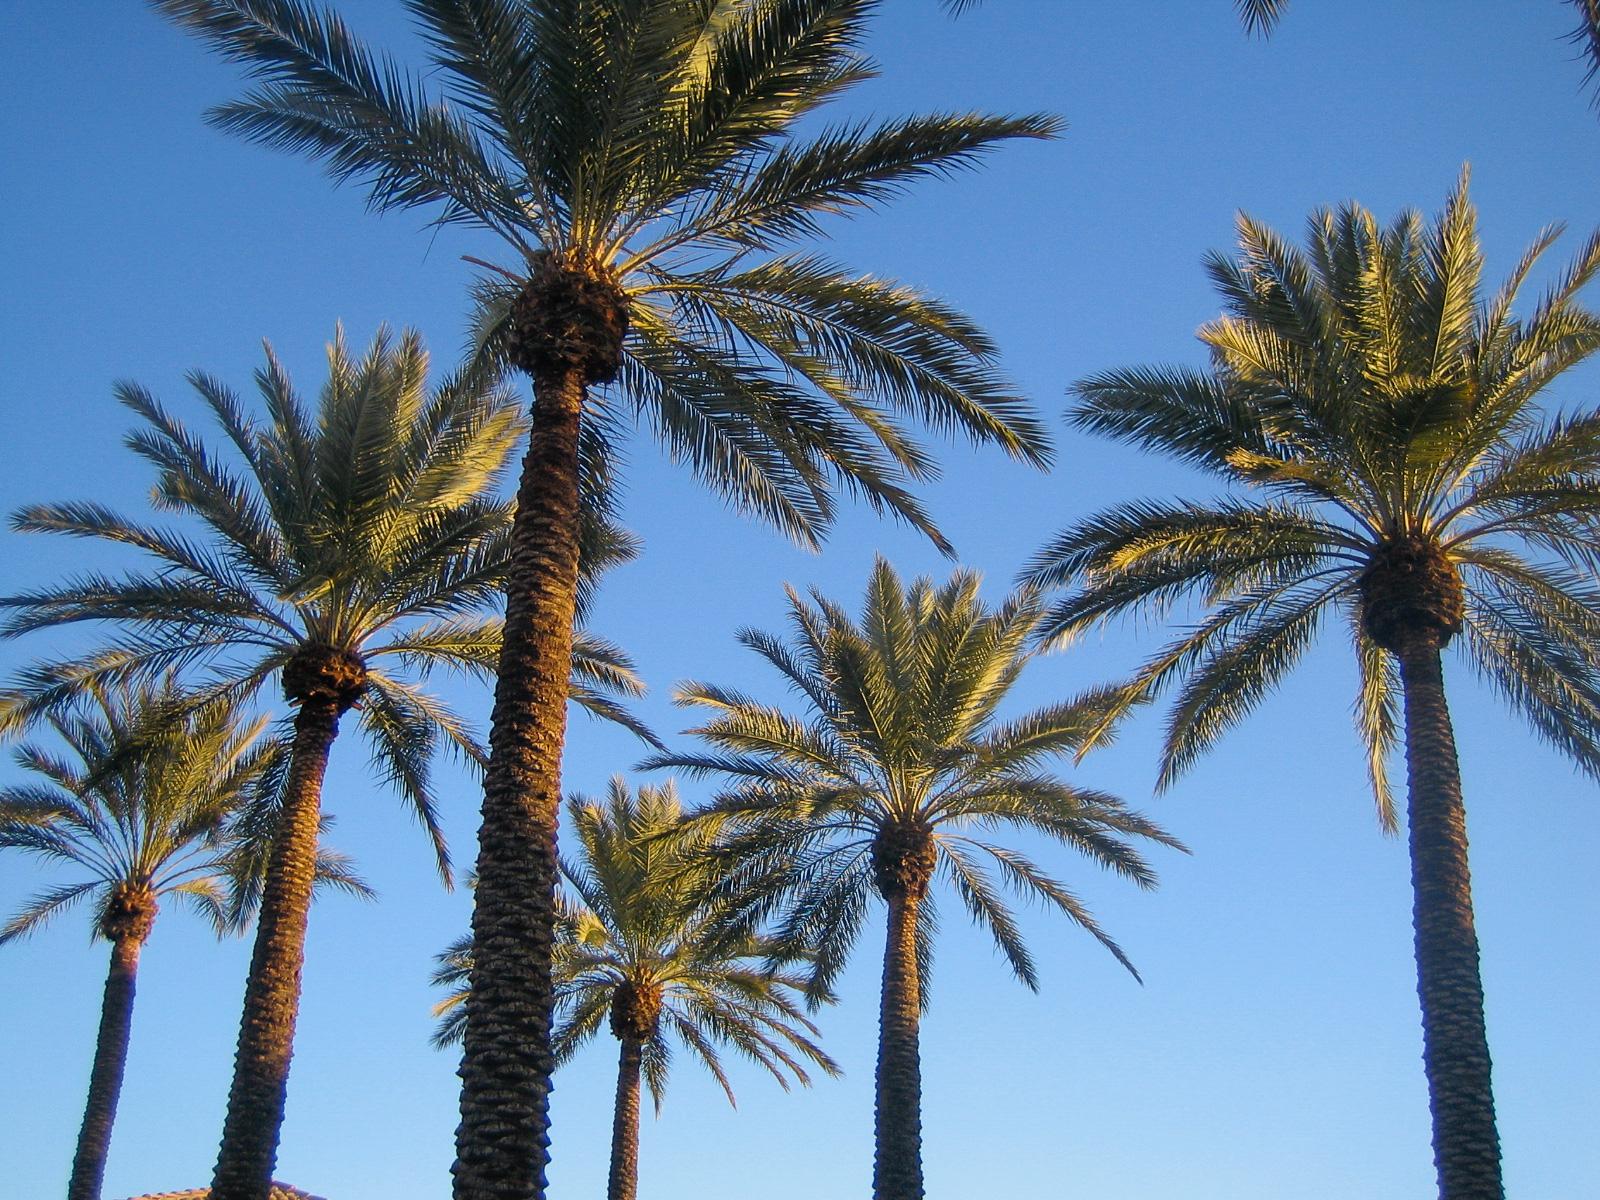 Erst nach dem Sonnenaufgang entwickeln die Palmen von Scottsdale ihre volle Wirkung